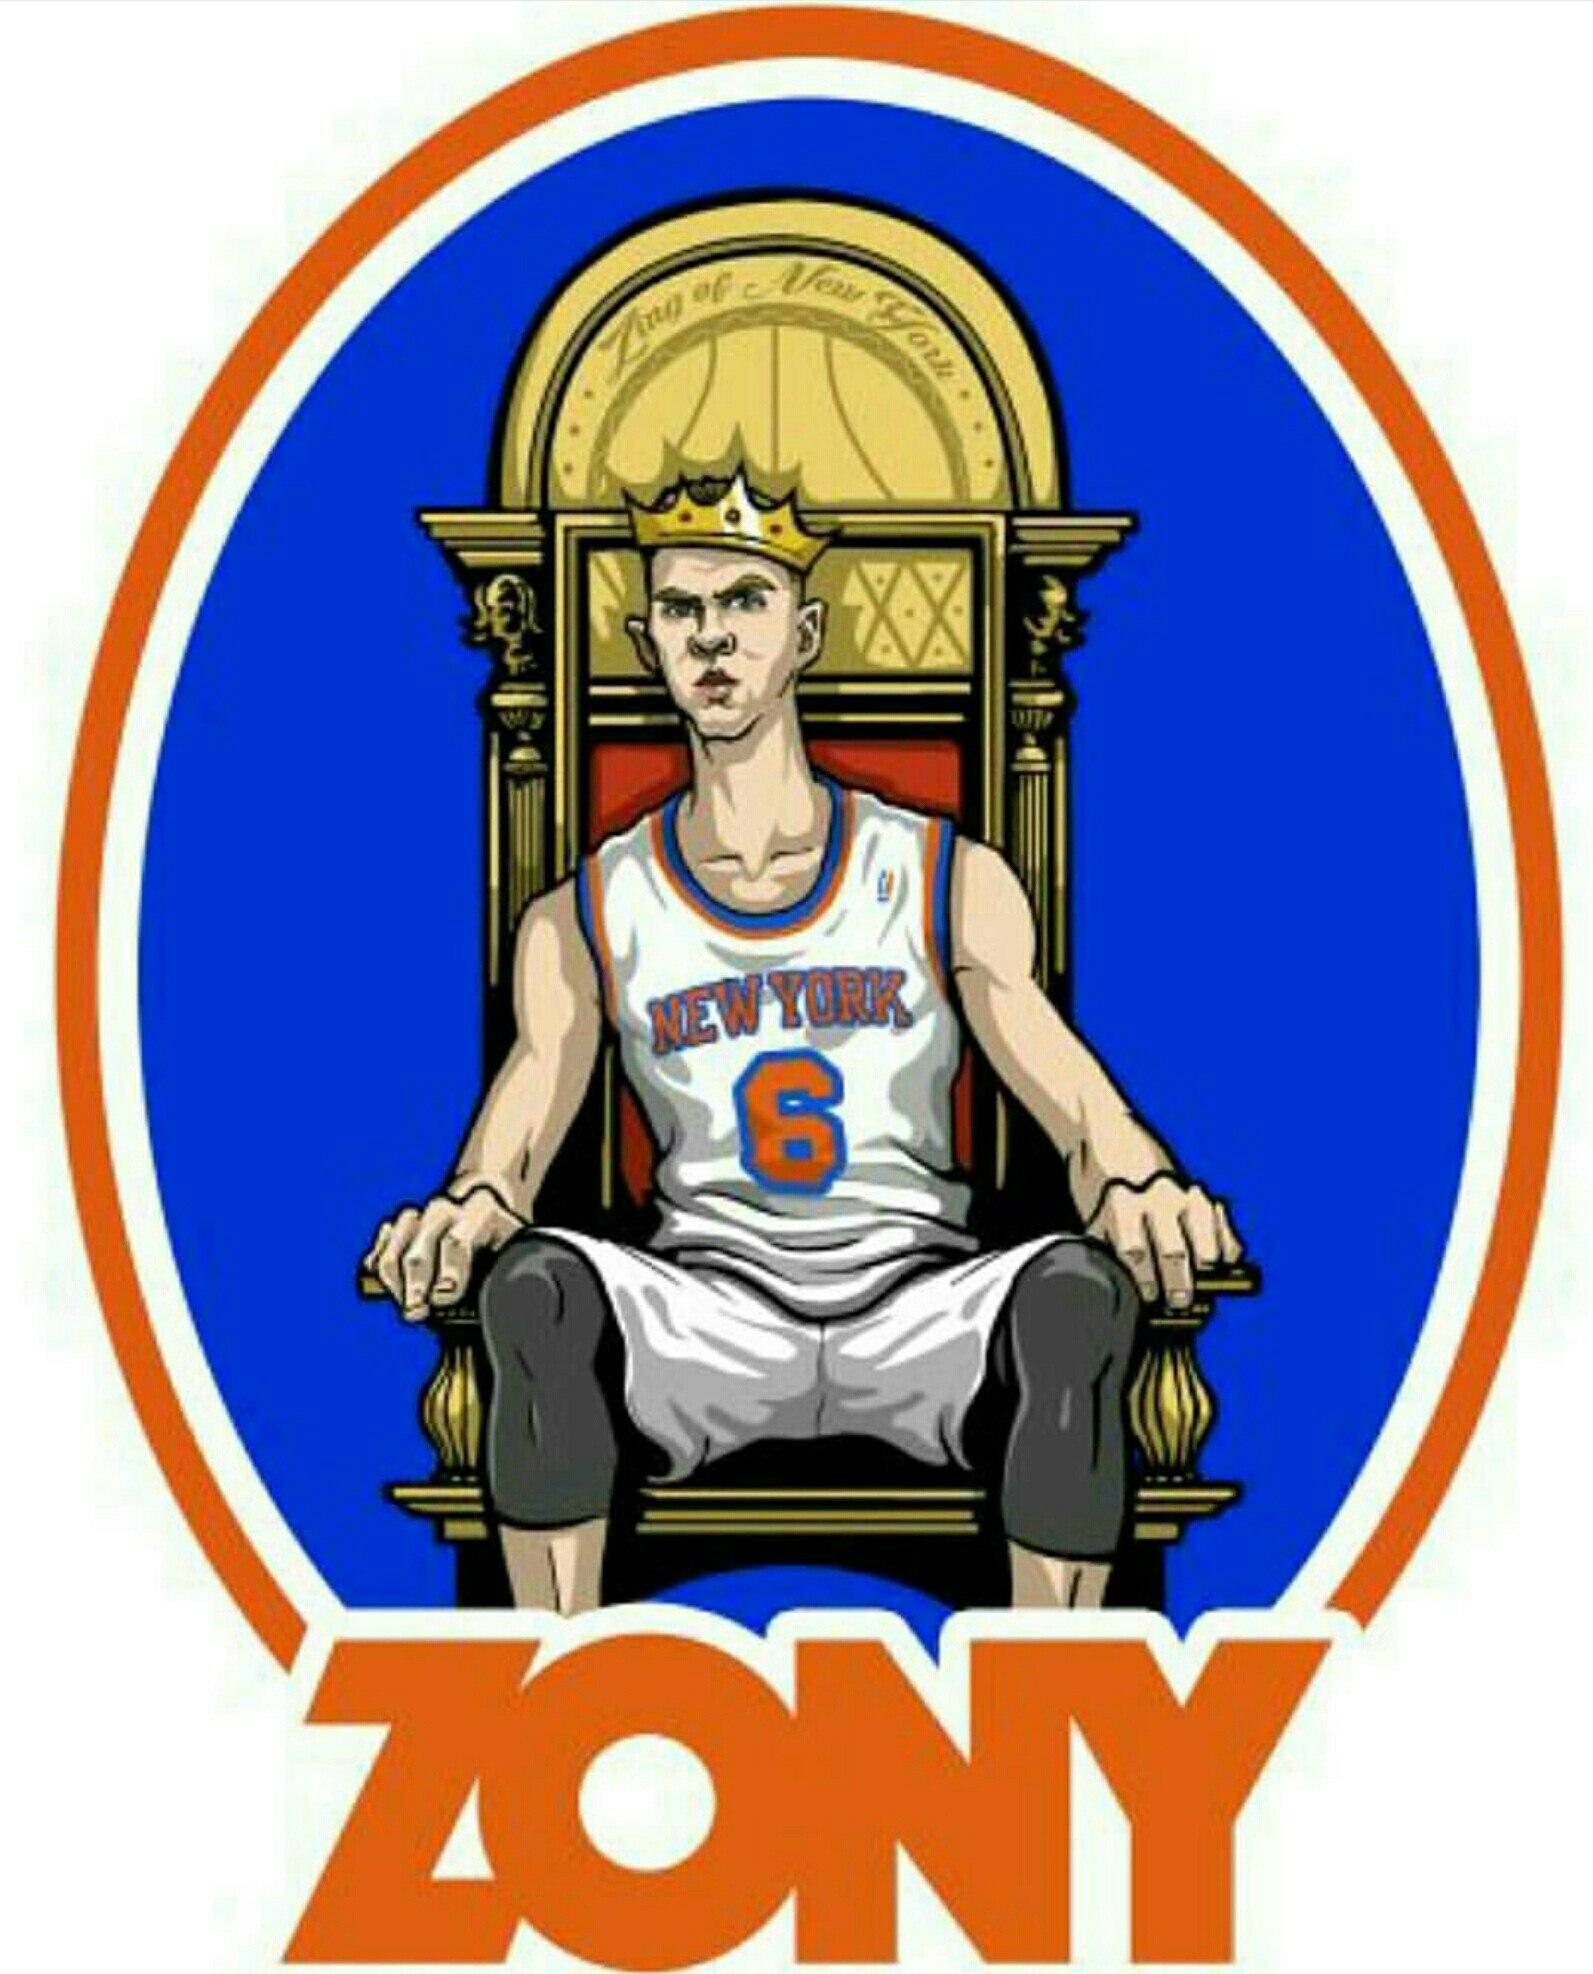 Новый молодой король НБА 2016